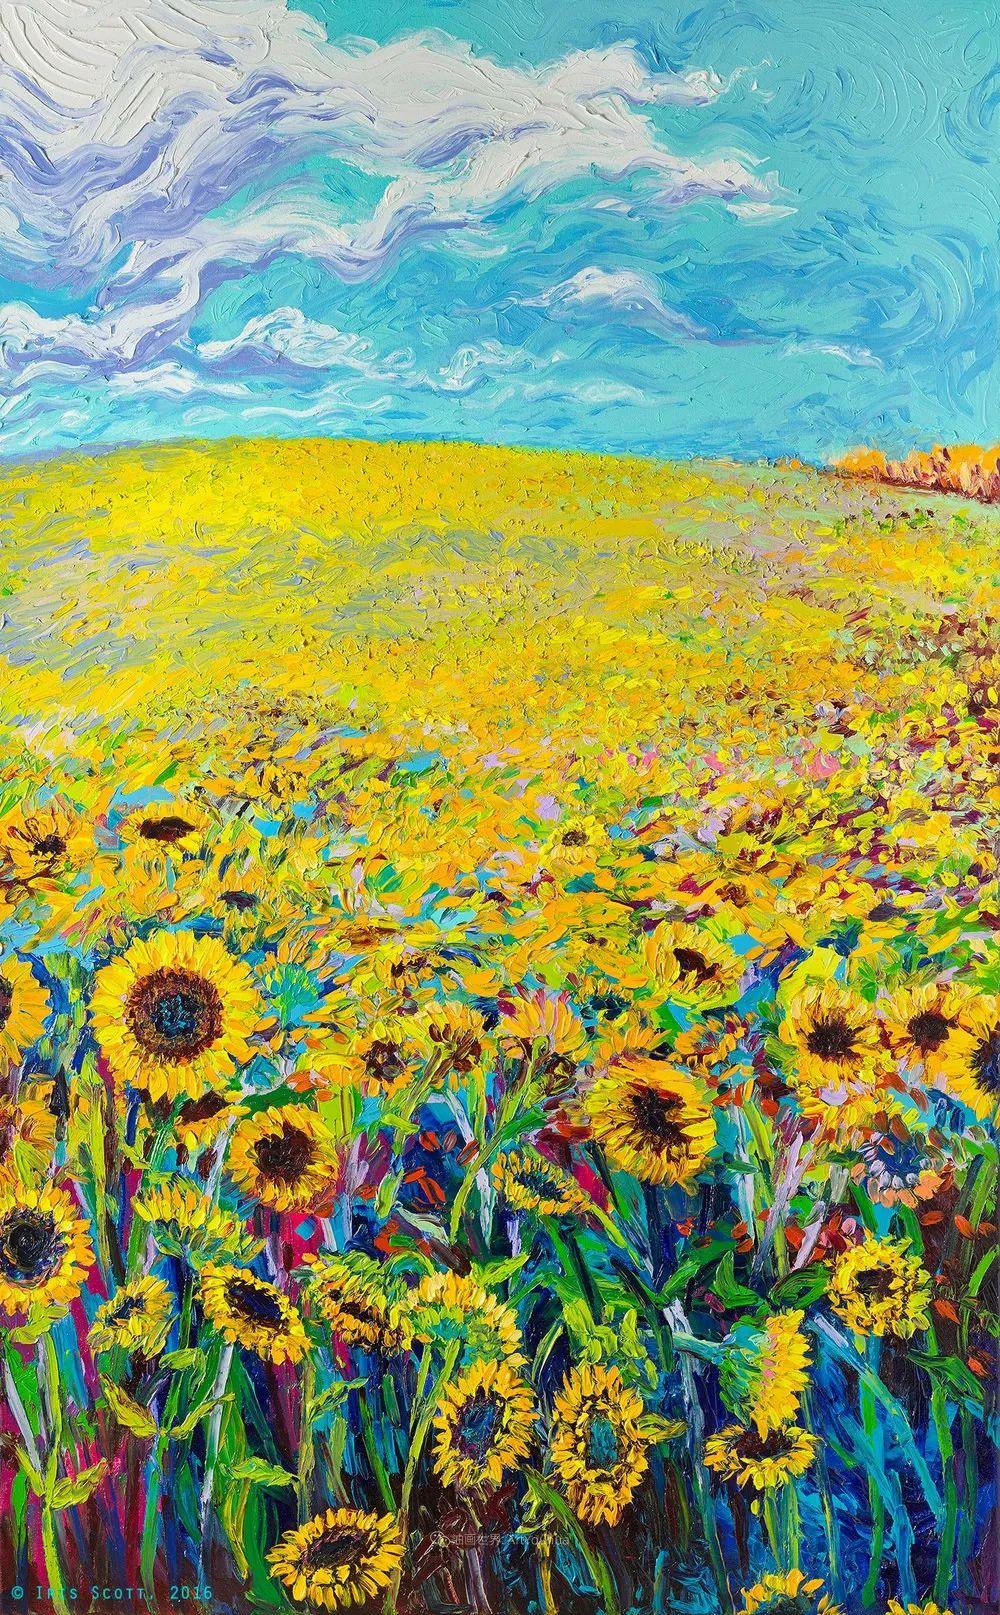 她用指尖来革新艺术世界,美国画家Iris Scott画选(上)插图33